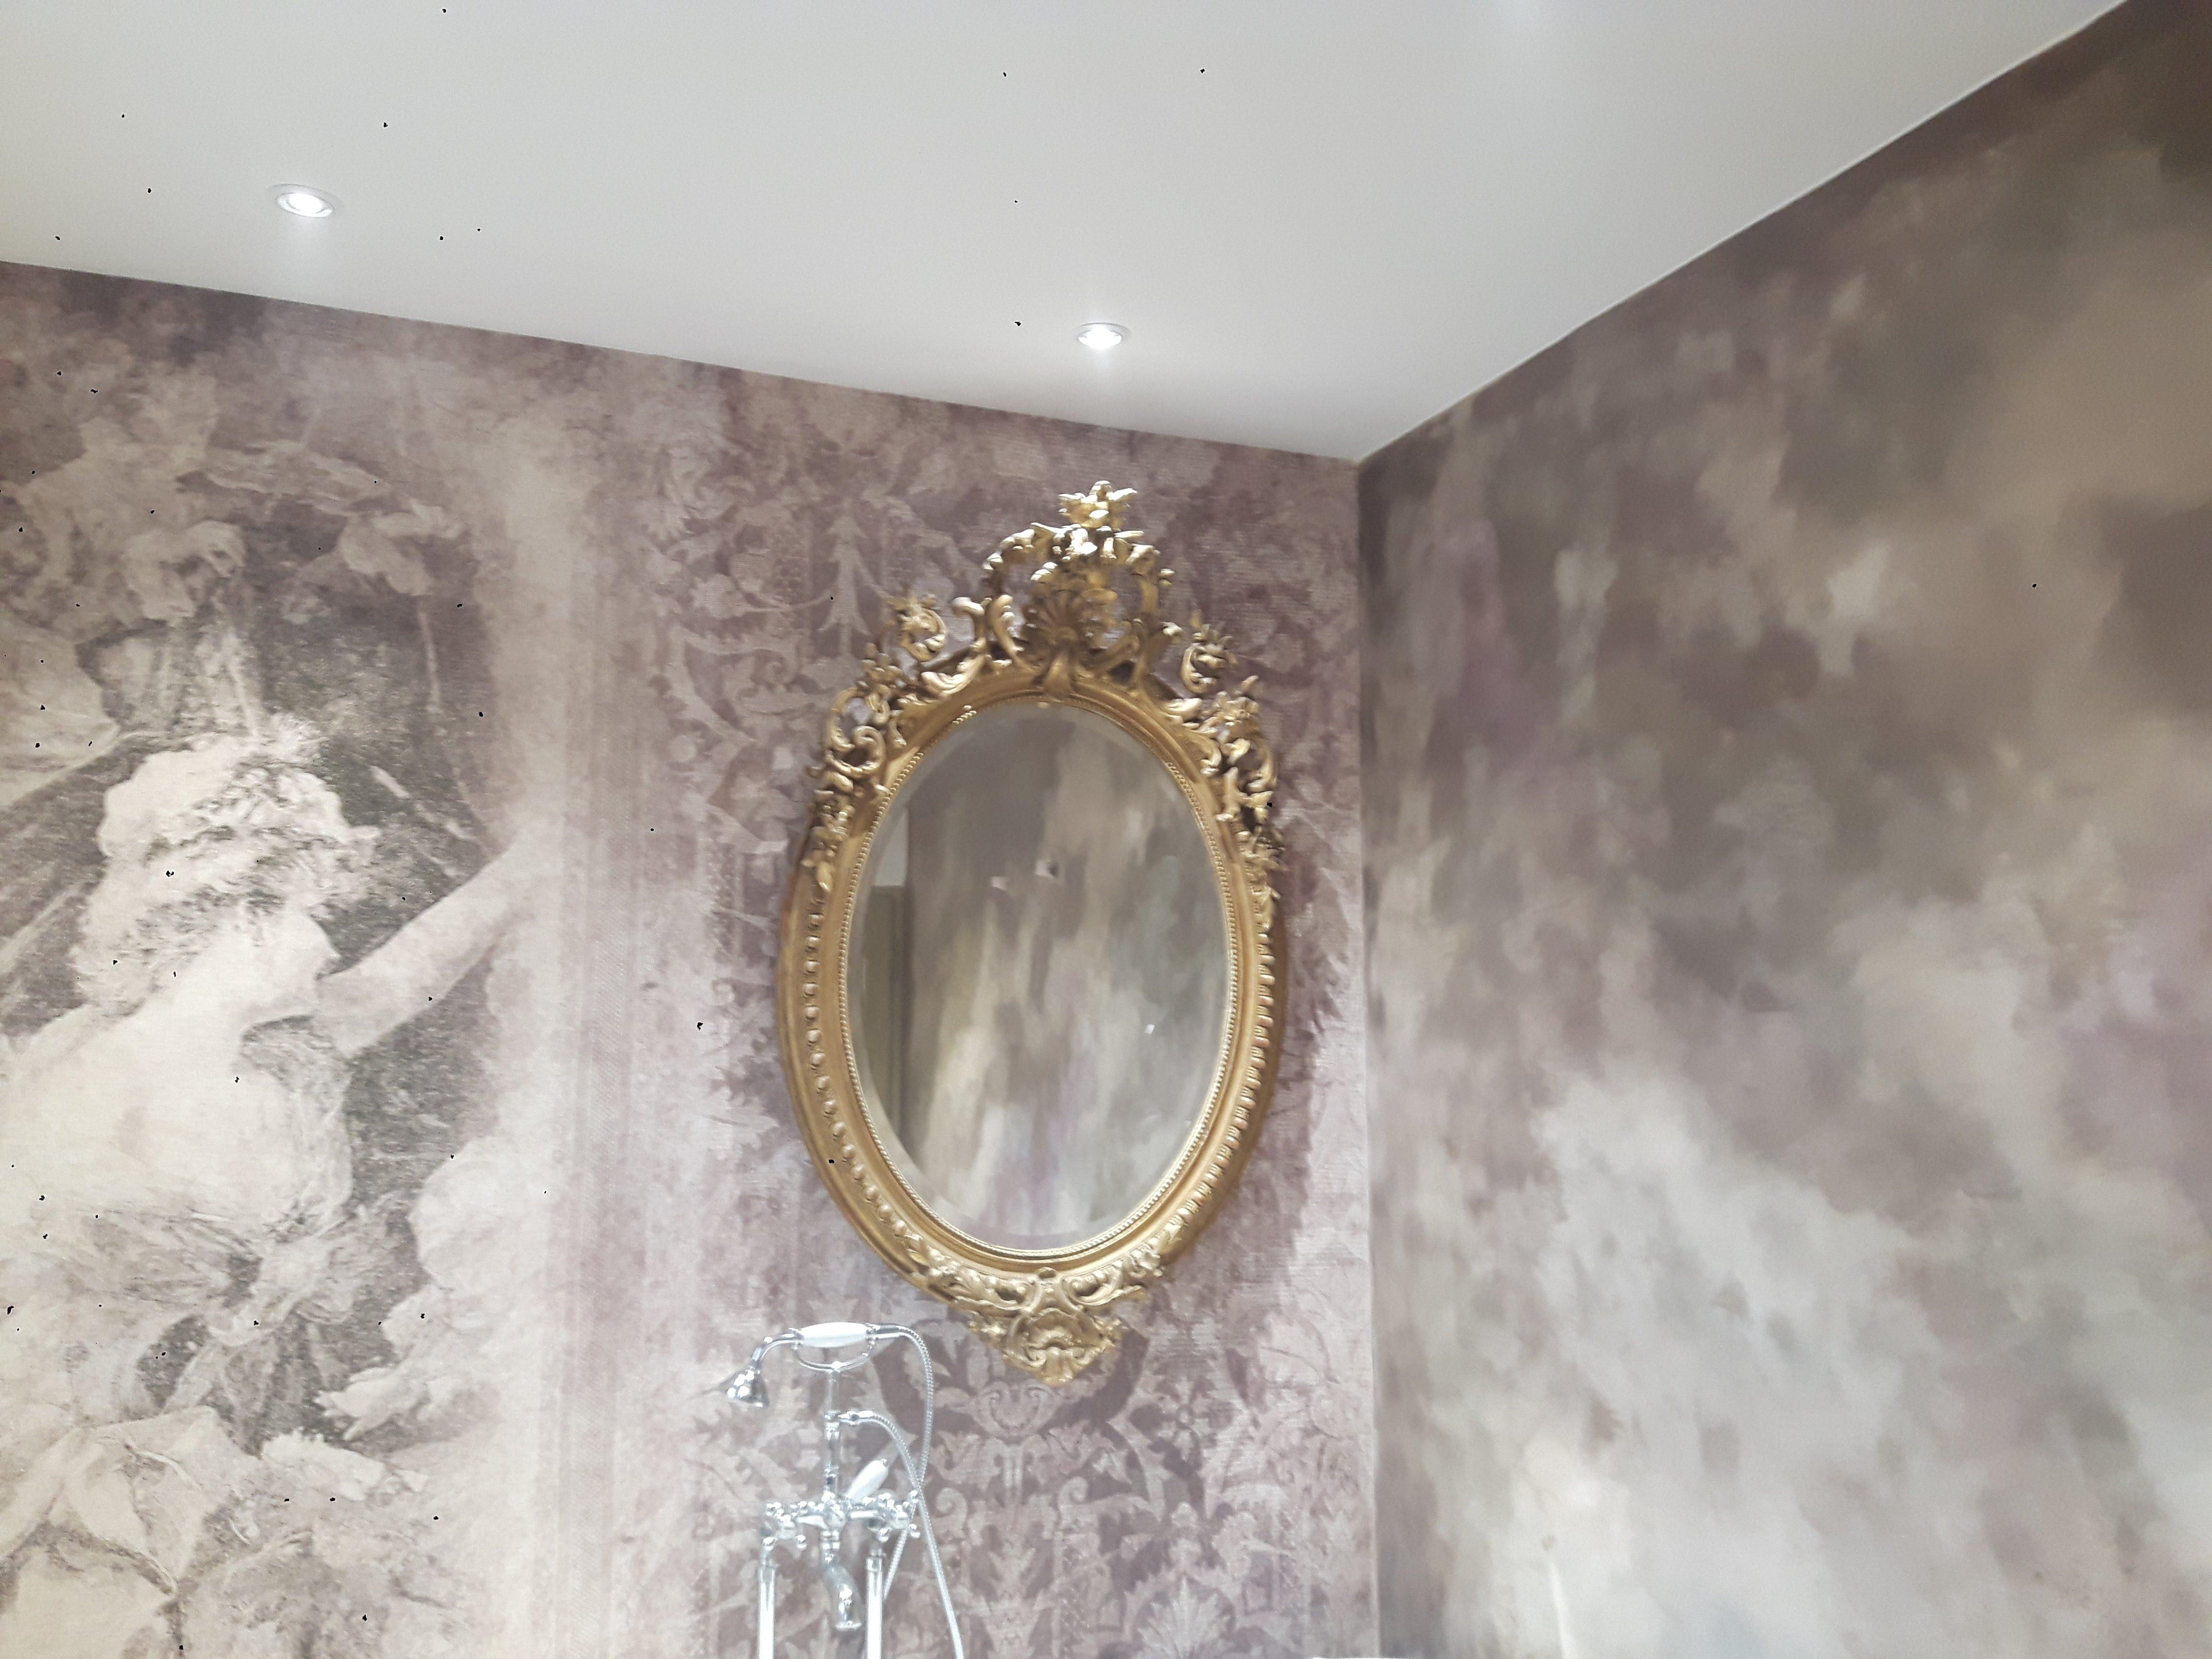 badigeons de chaux et papier peint dans une salle de bain - Salle De Bain A La Chaux